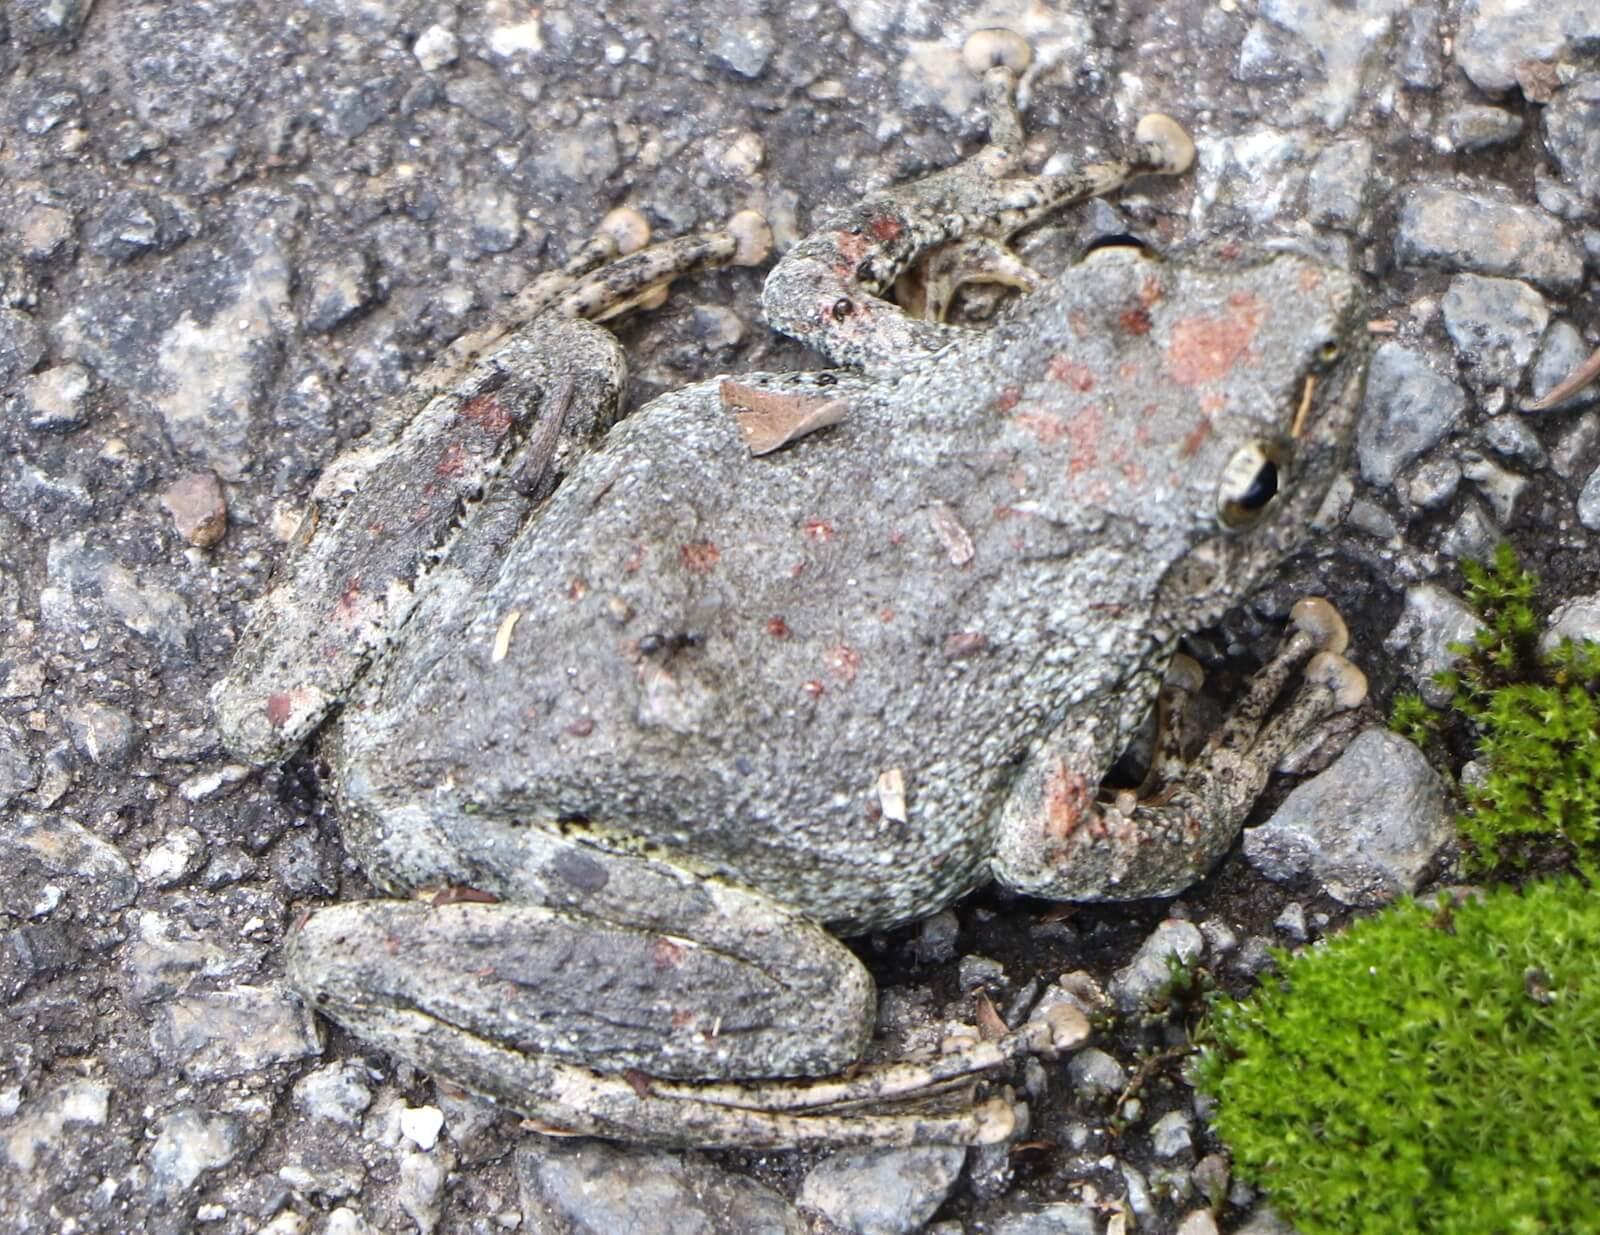 カジカガエル〜柄は違えど、指の先に大きな吸盤が目印